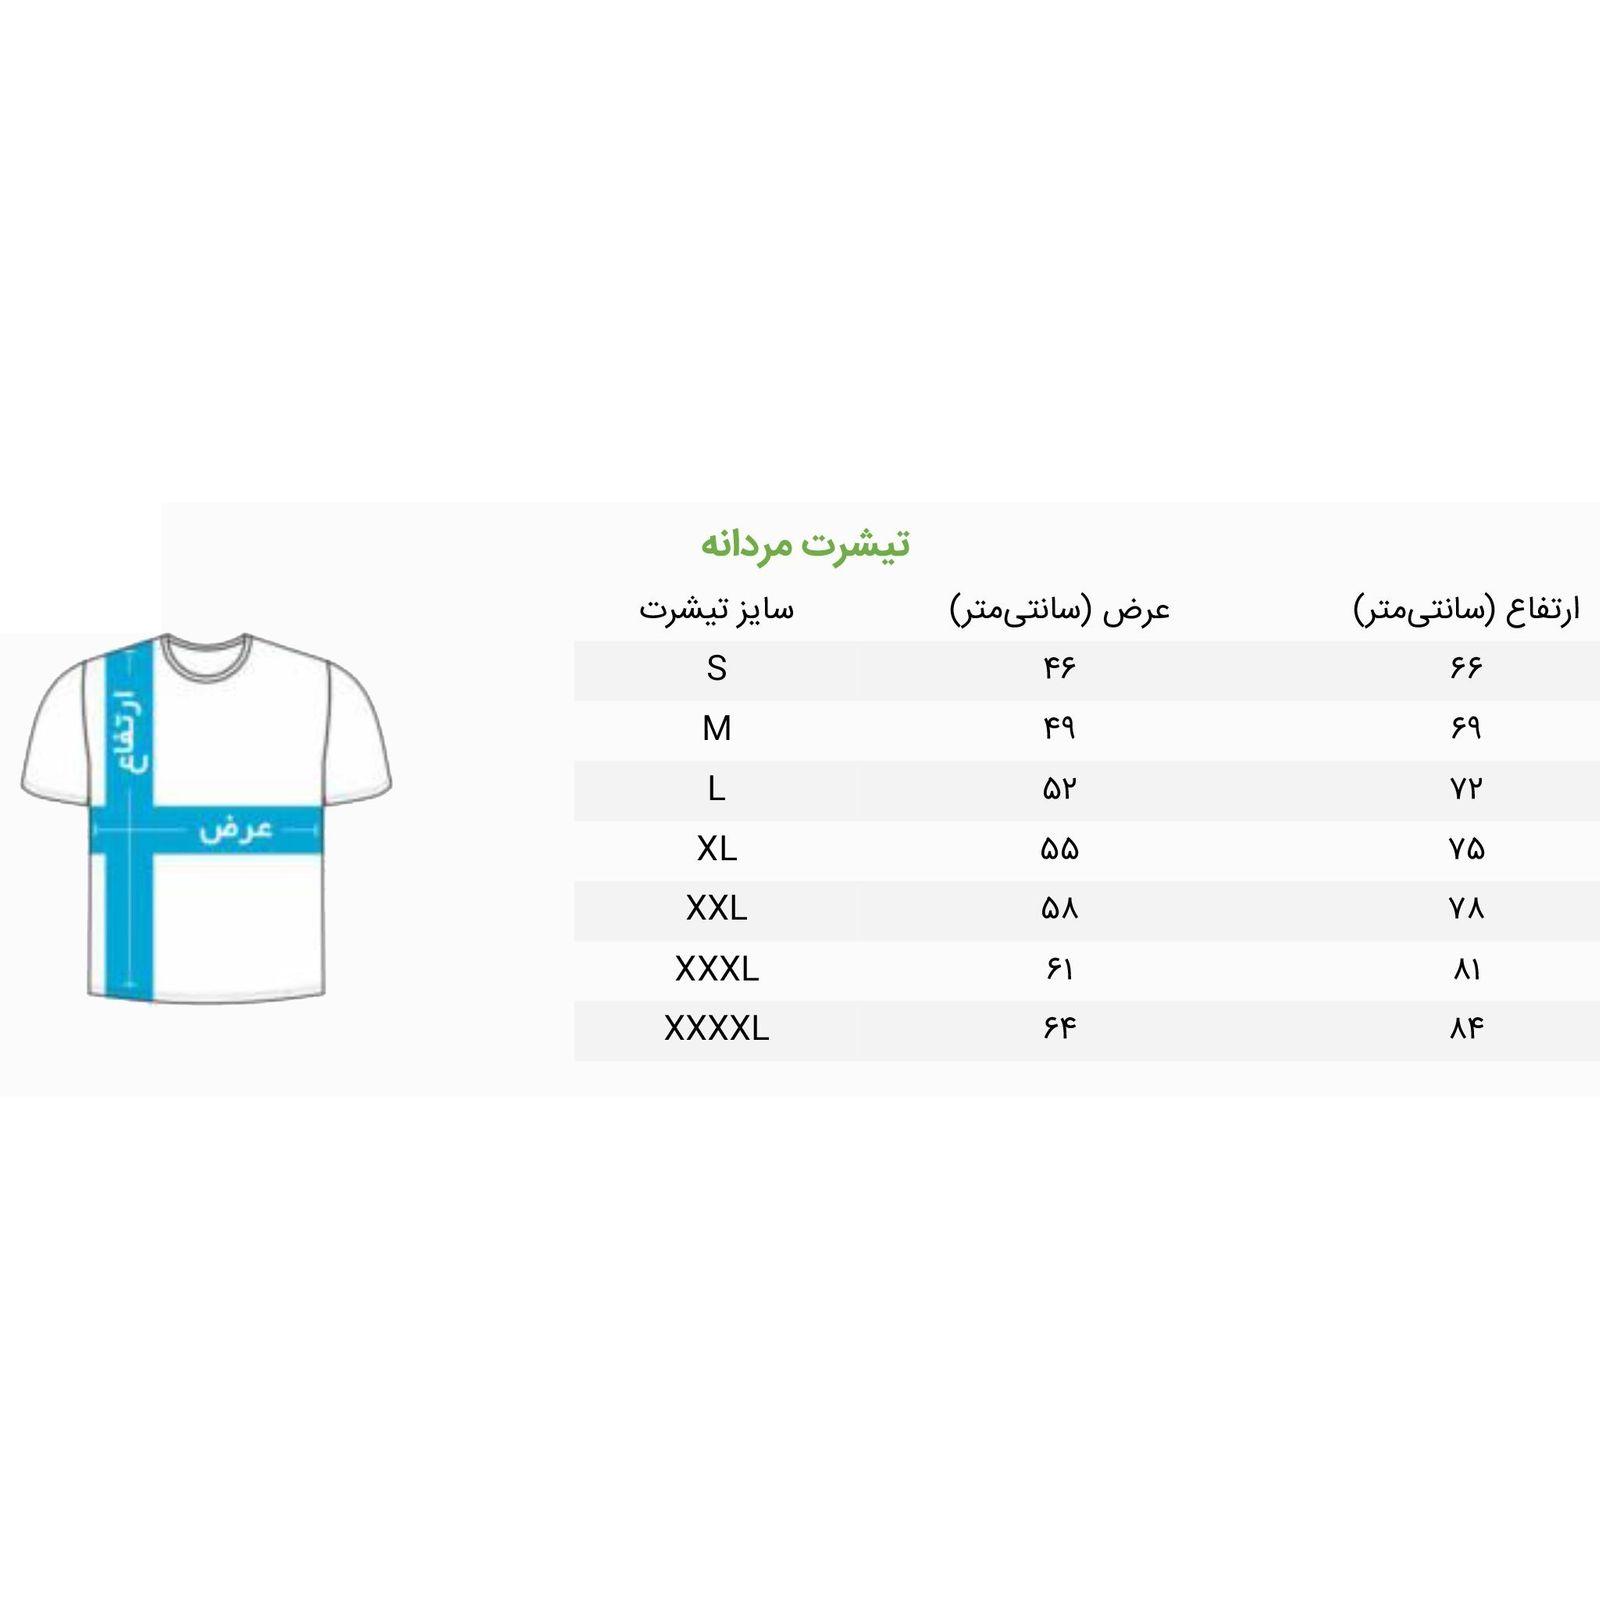 تی شرت مردانه آریوس مدل CSRBMB-Blank-106 main 1 6